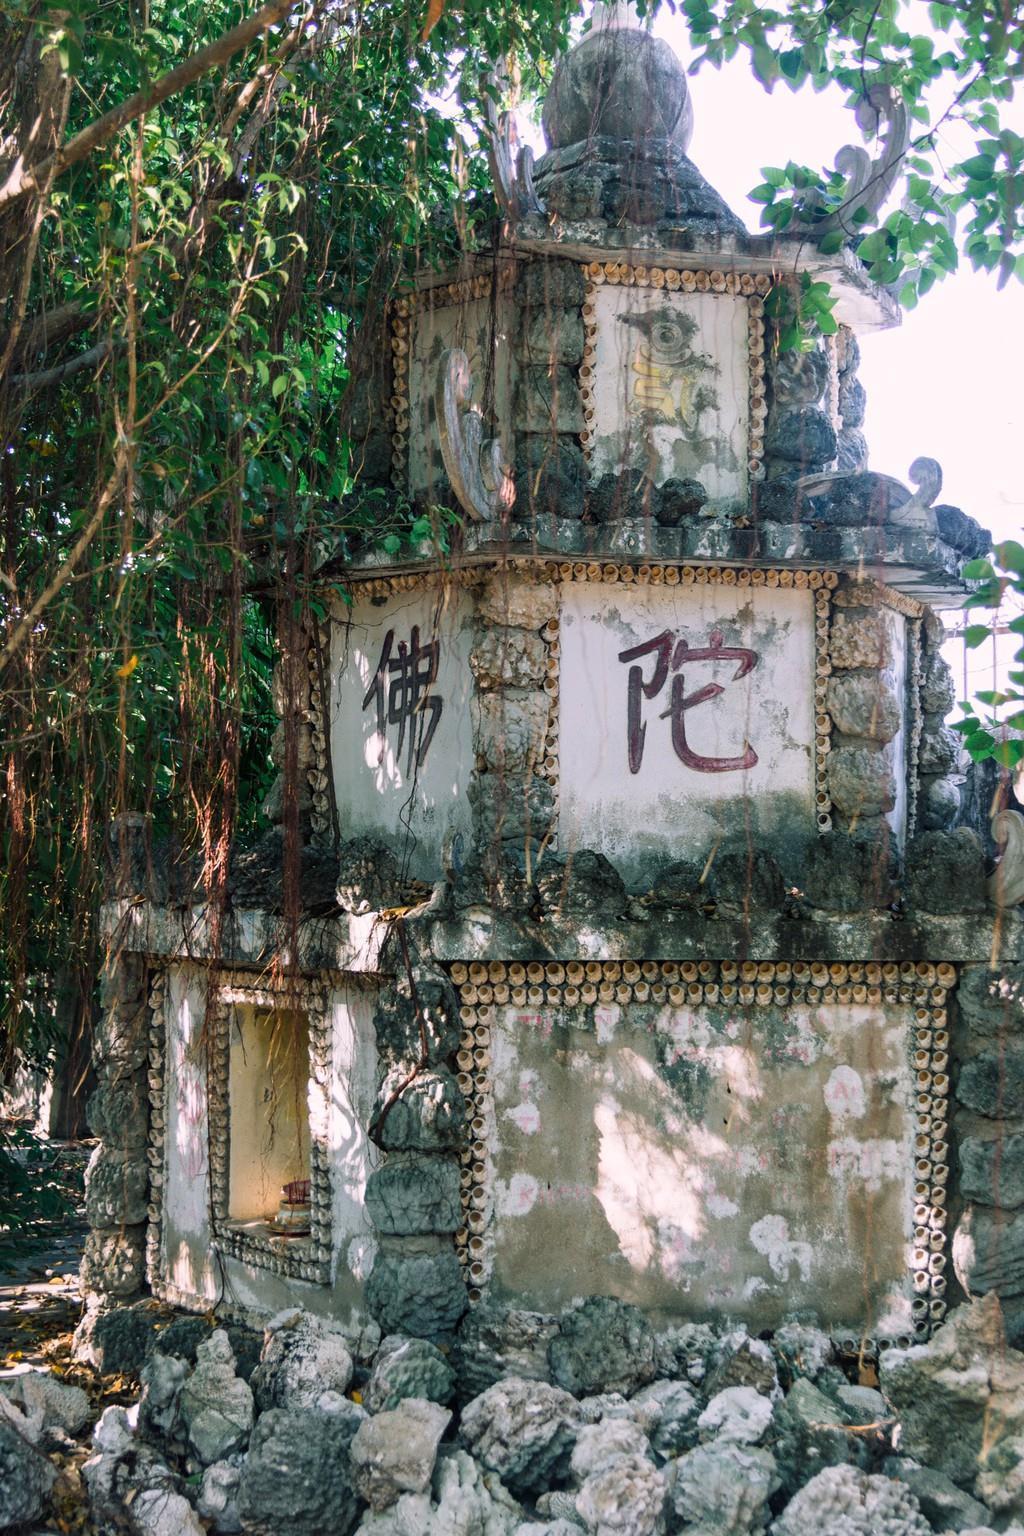 Ngôi chùa vỏ ốc ở Cam Ranh đẹp khác lạ trên báo nước ngoài Ảnh 3